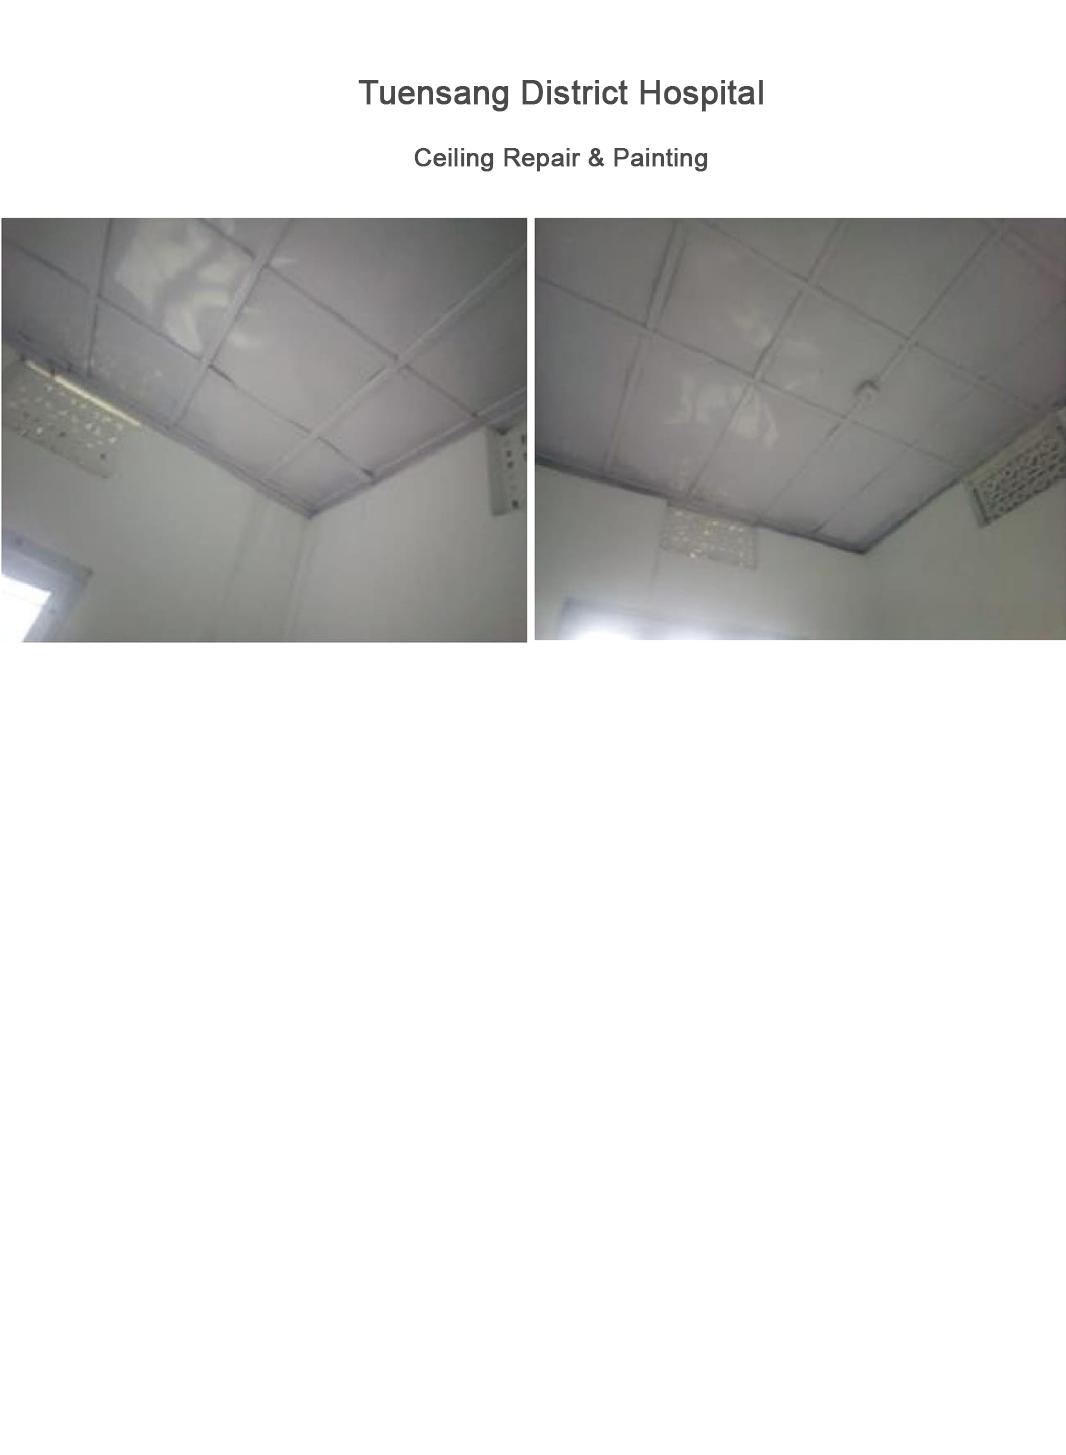 Ceiling-Repair-